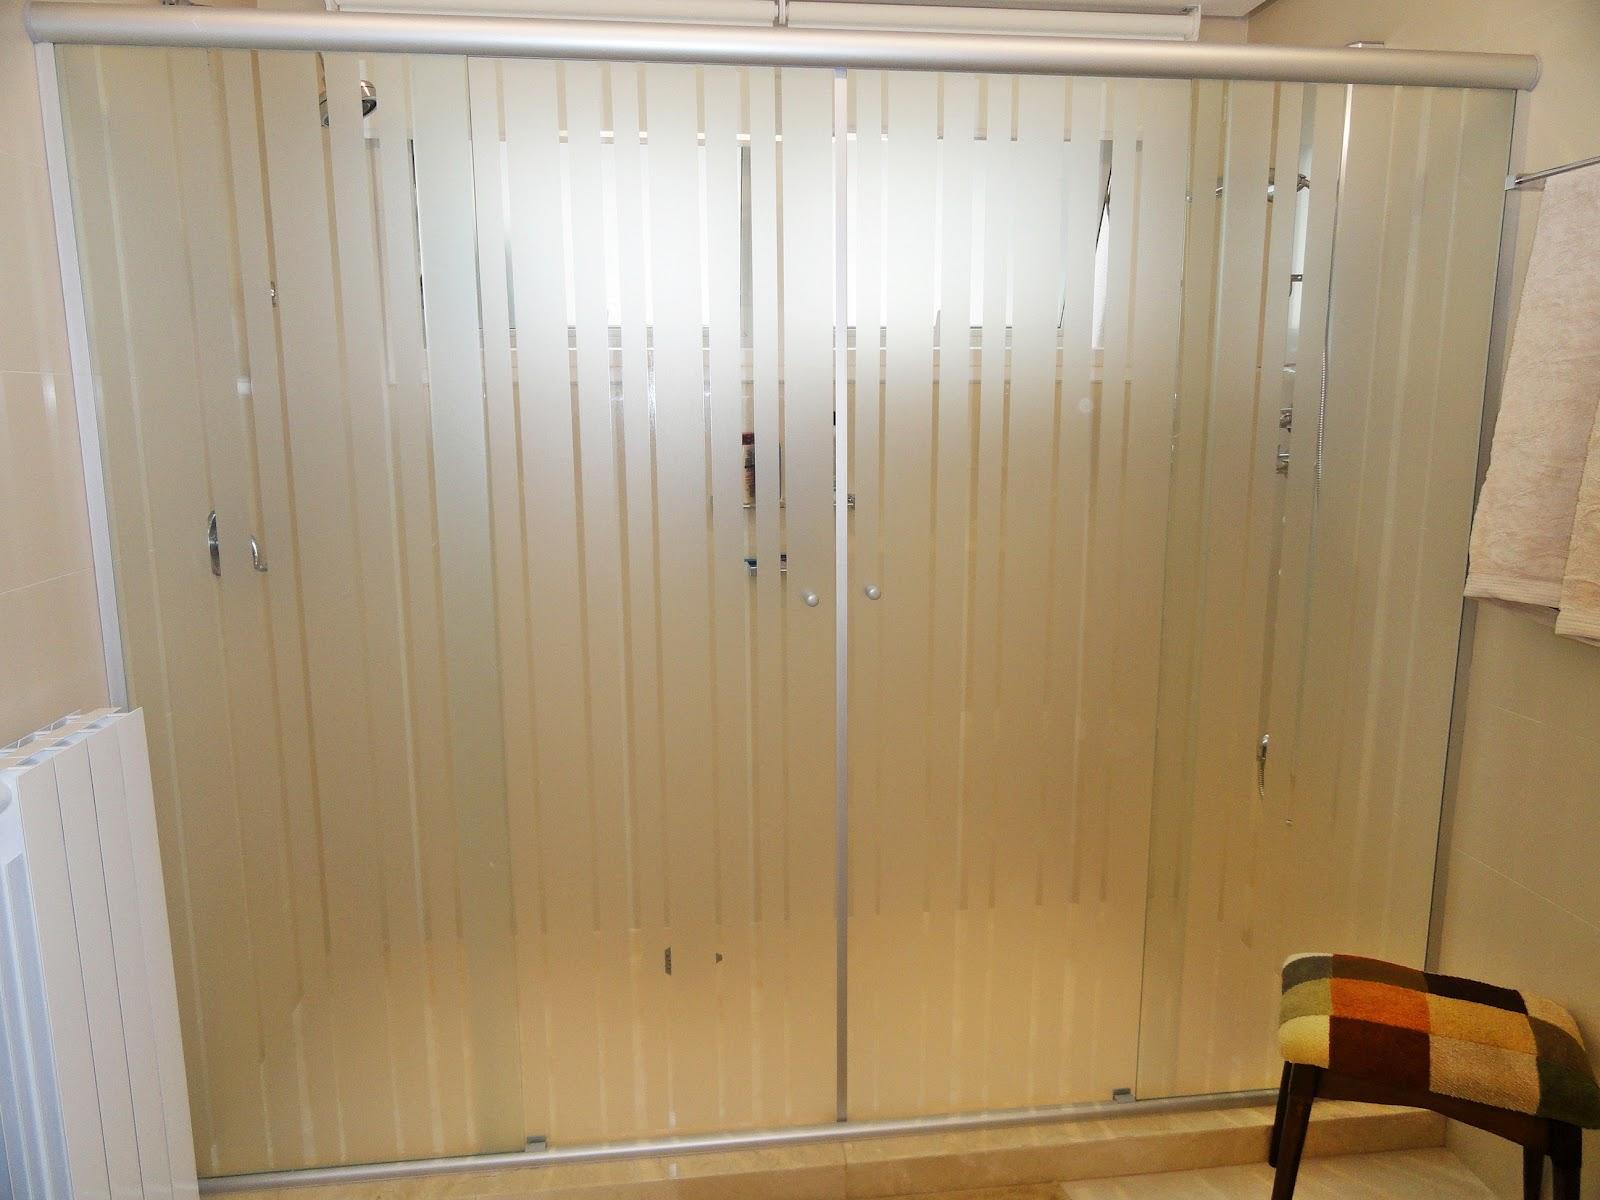 Imagens de #281406 Decora Artes e Criações em Vidros: Box de banheiro com Faixas 1600x1200 px 2186 Box De Vidro Para Banheiro Jabaquara